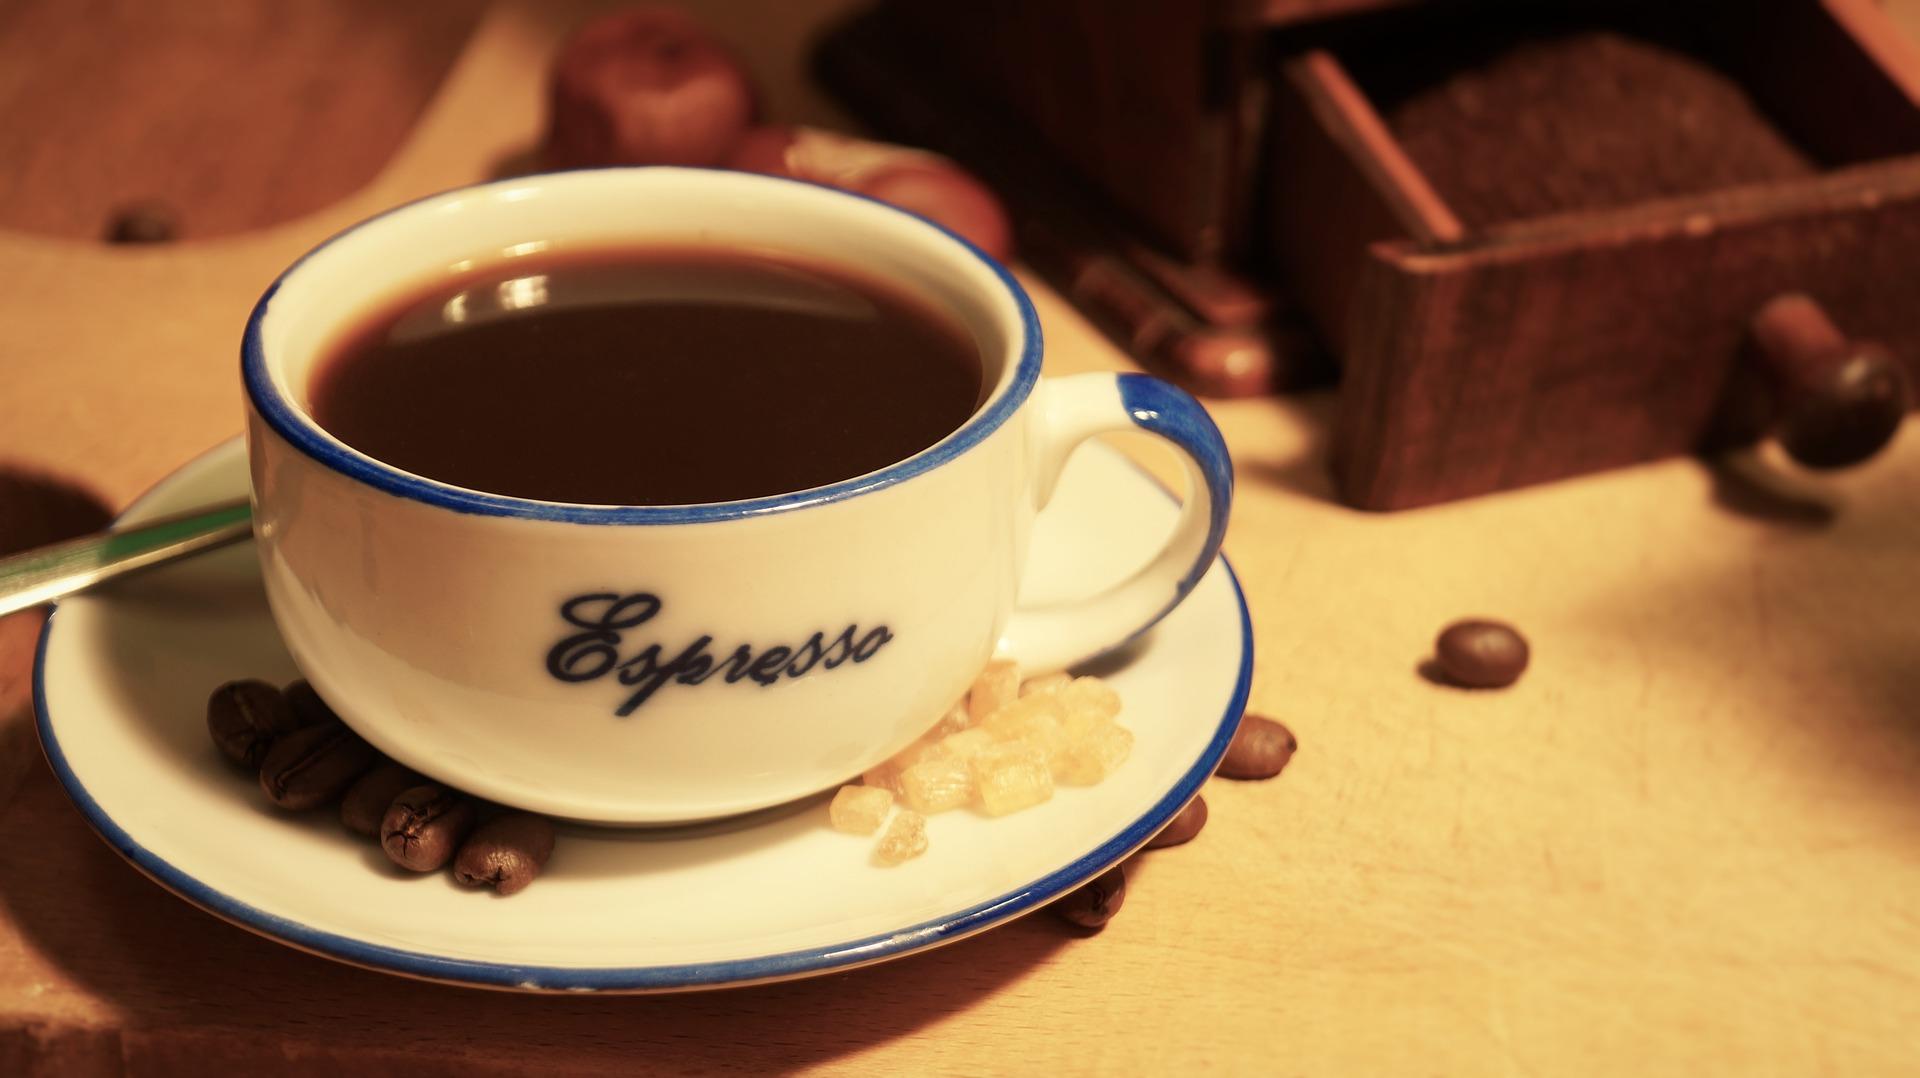 Le eccellenze del caffè italiano: Borbone è nella top 3